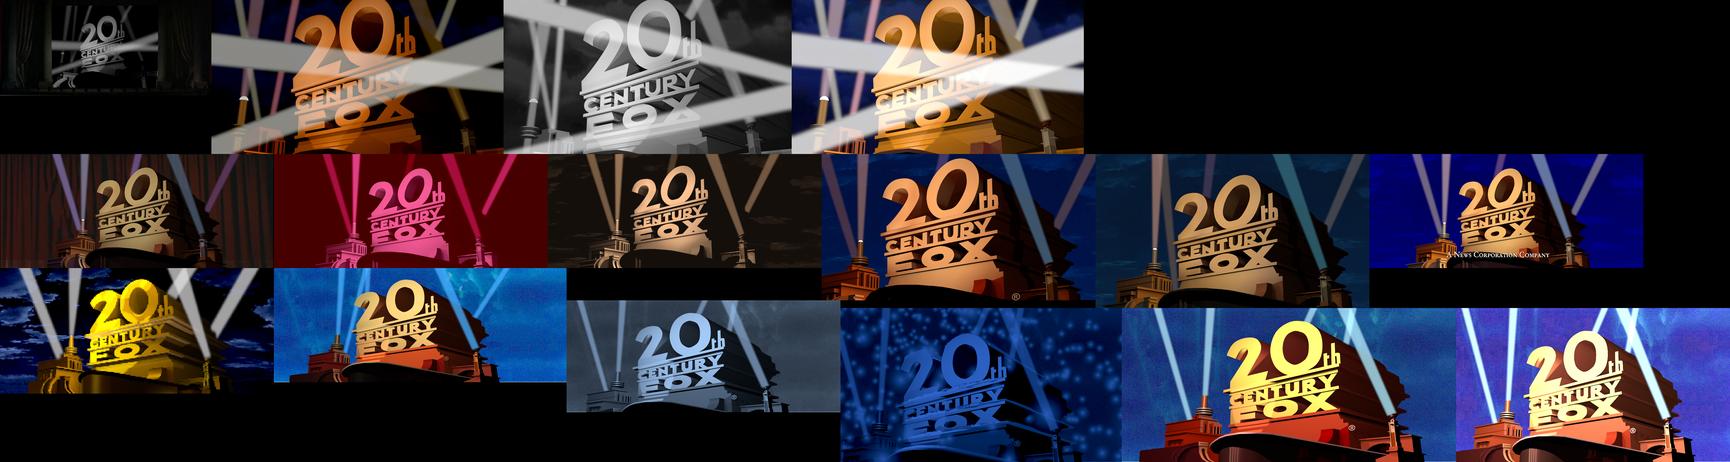 Retro Fox Logo Remakes Part 6 (Variations) by logomanseva